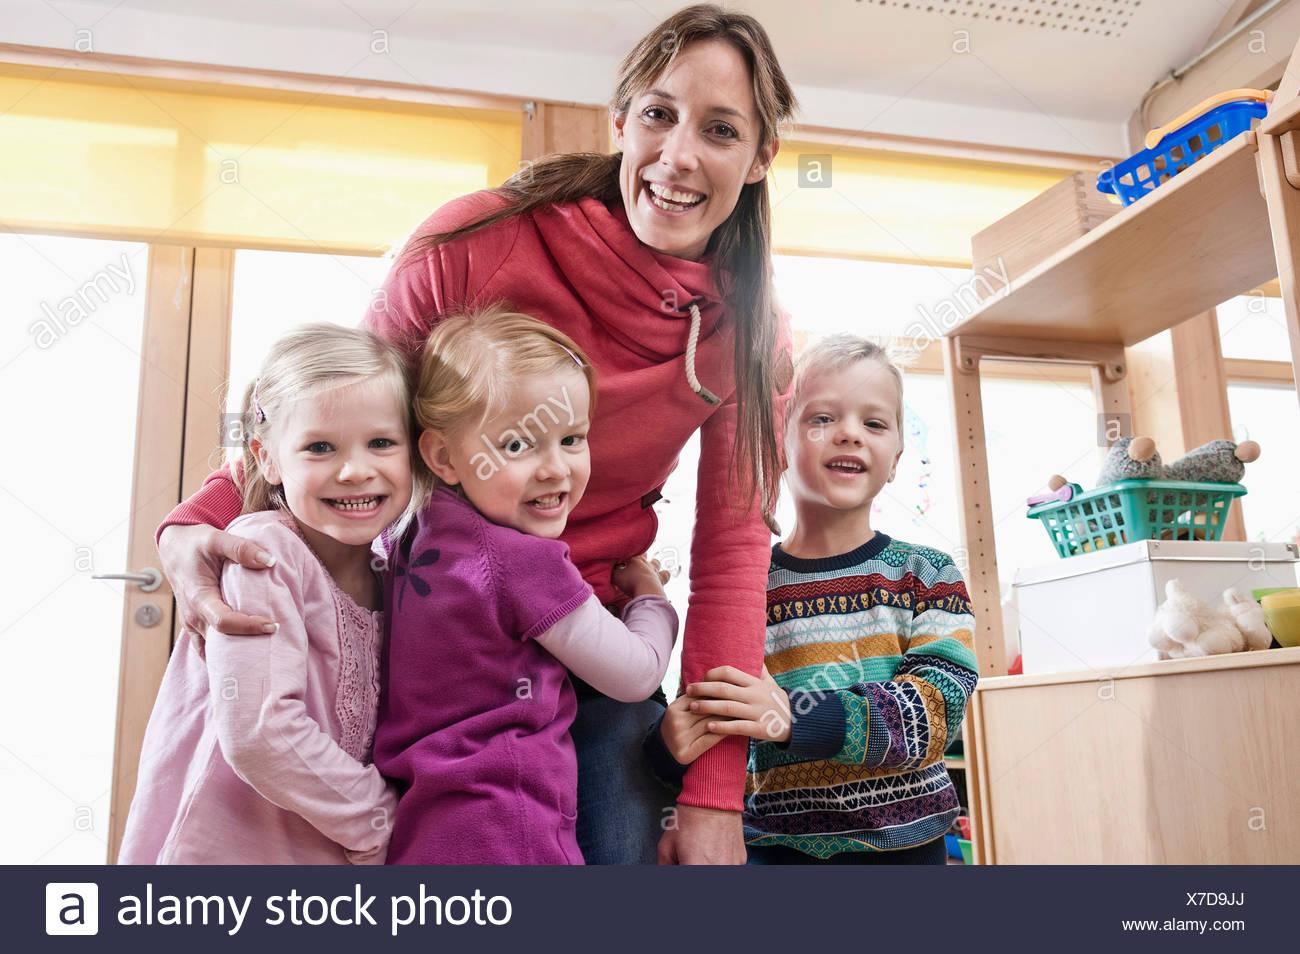 Foto di un gruppo di insegnanti di sesso femminile e 3 bambini in una scuola materna Immagini Stock